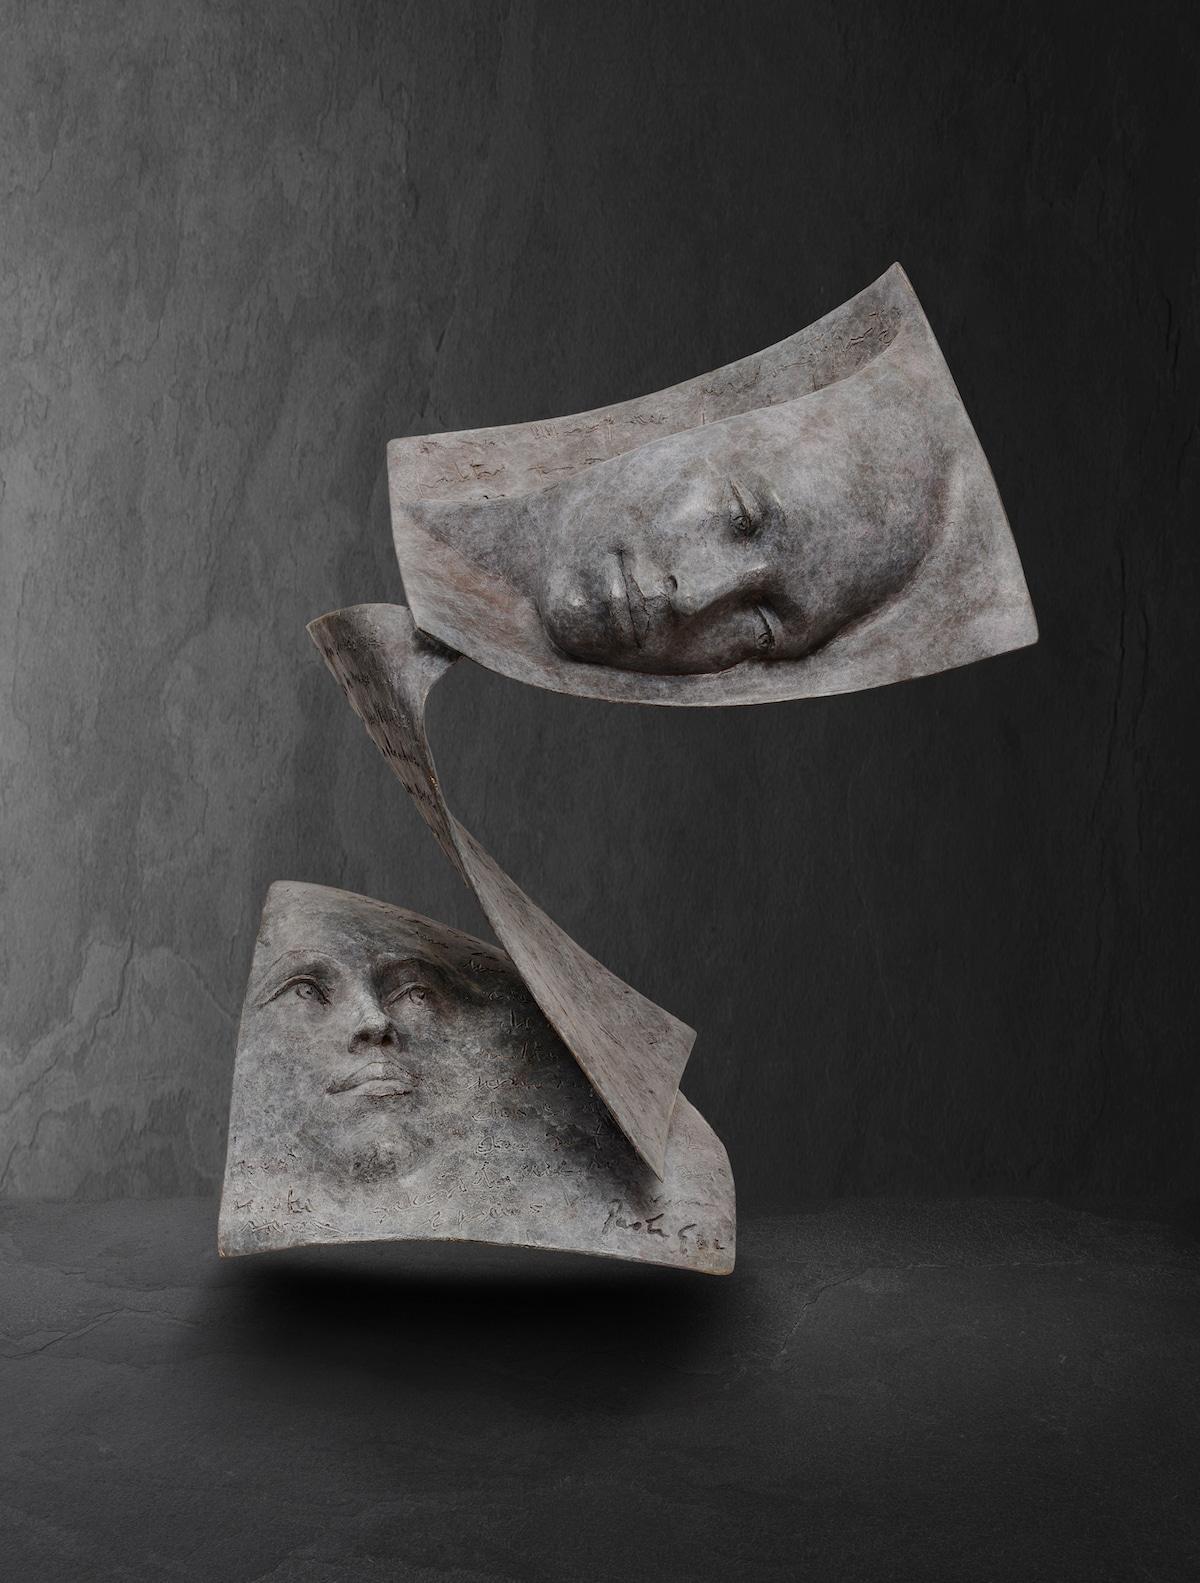 escultura en bronce por Paola Grizi